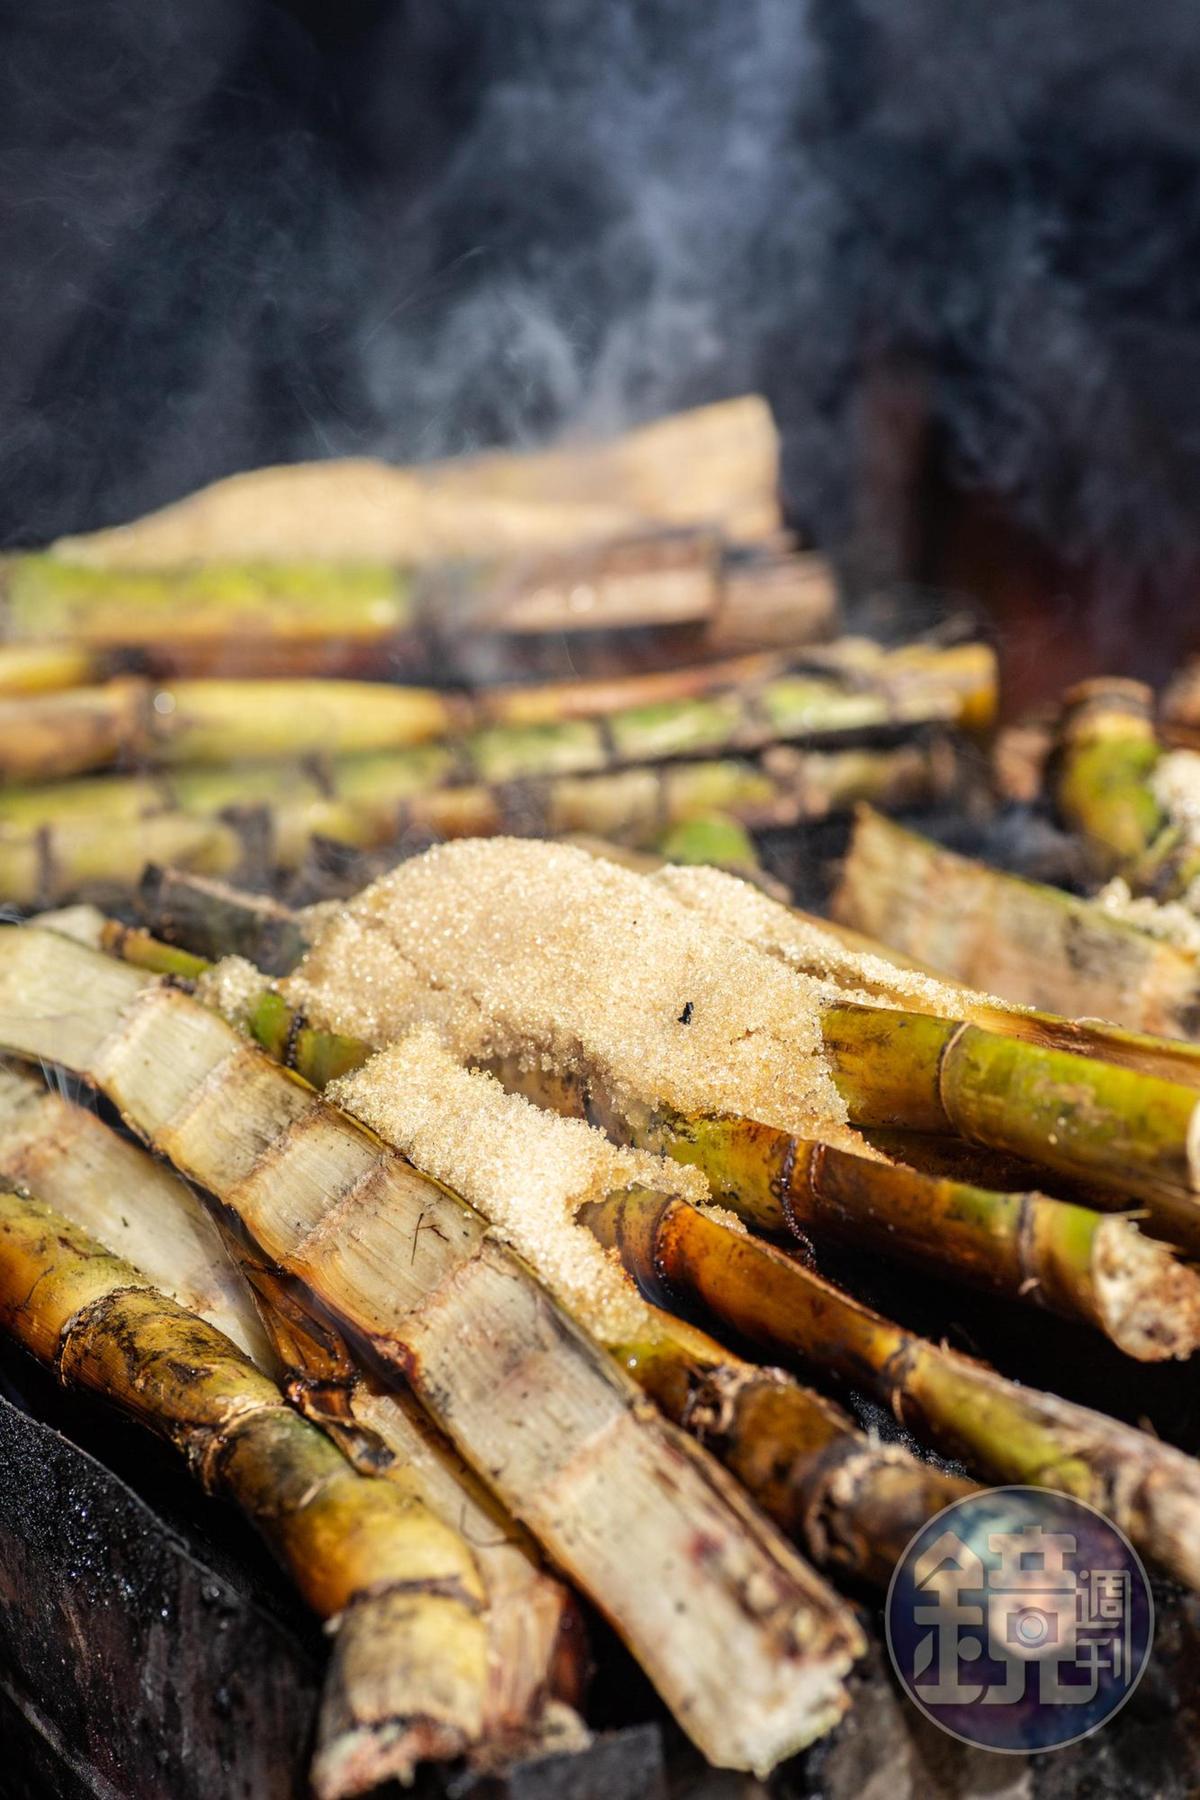 白甘蔗上頭灑上二砂糖,讓甜味更濃郁;底下還要墊層燒完的蔗渣,讓溫度不致過高,產生苦味。